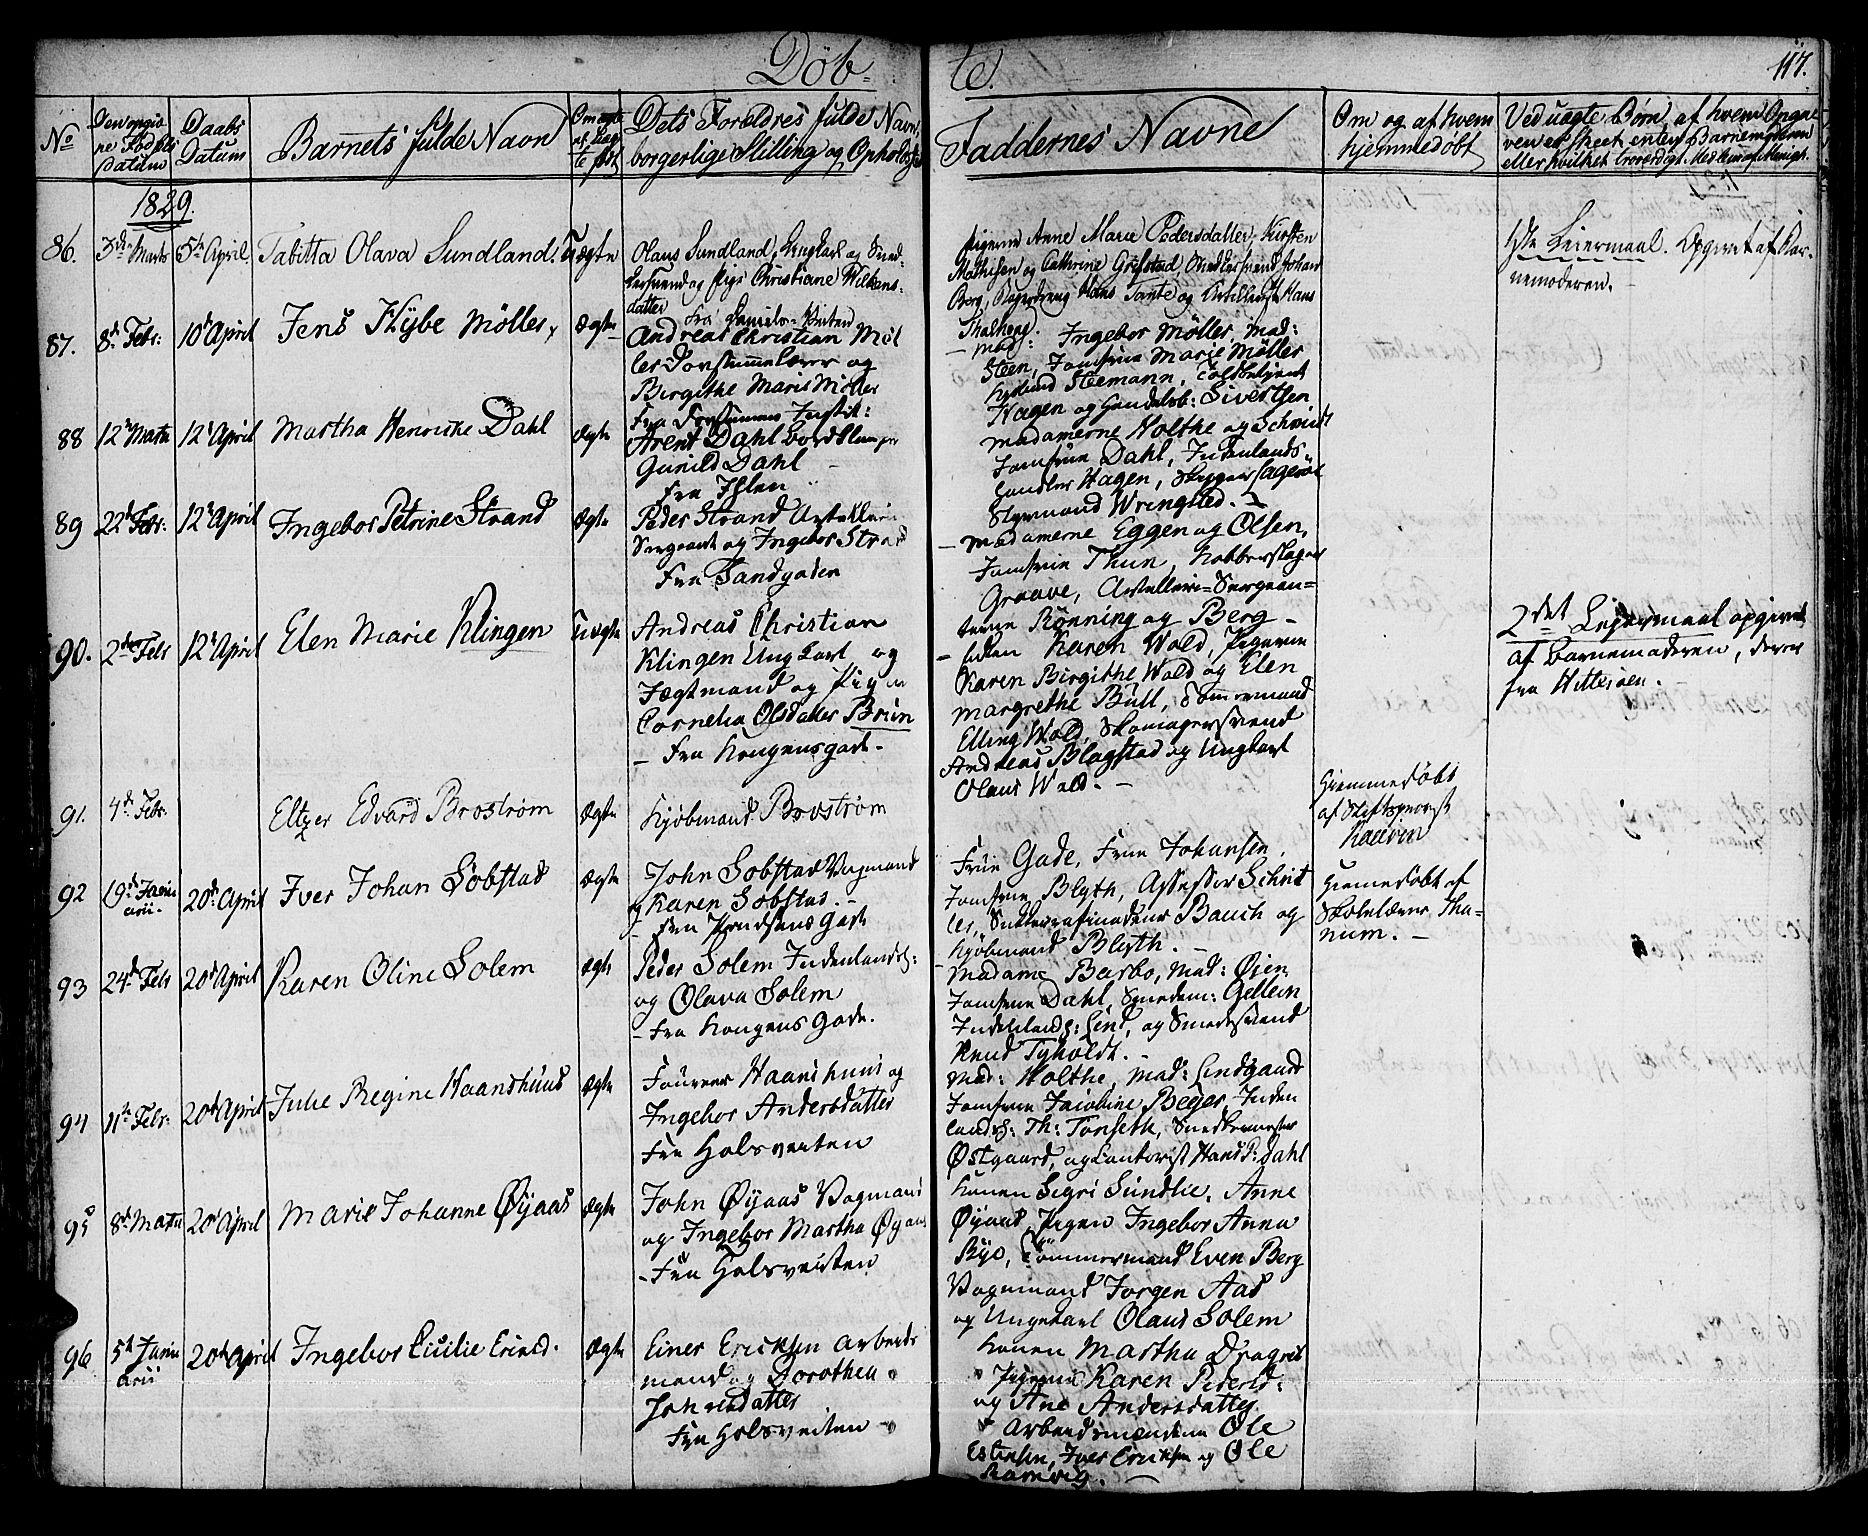 SAT, Ministerialprotokoller, klokkerbøker og fødselsregistre - Sør-Trøndelag, 601/L0045: Ministerialbok nr. 601A13, 1821-1831, s. 117